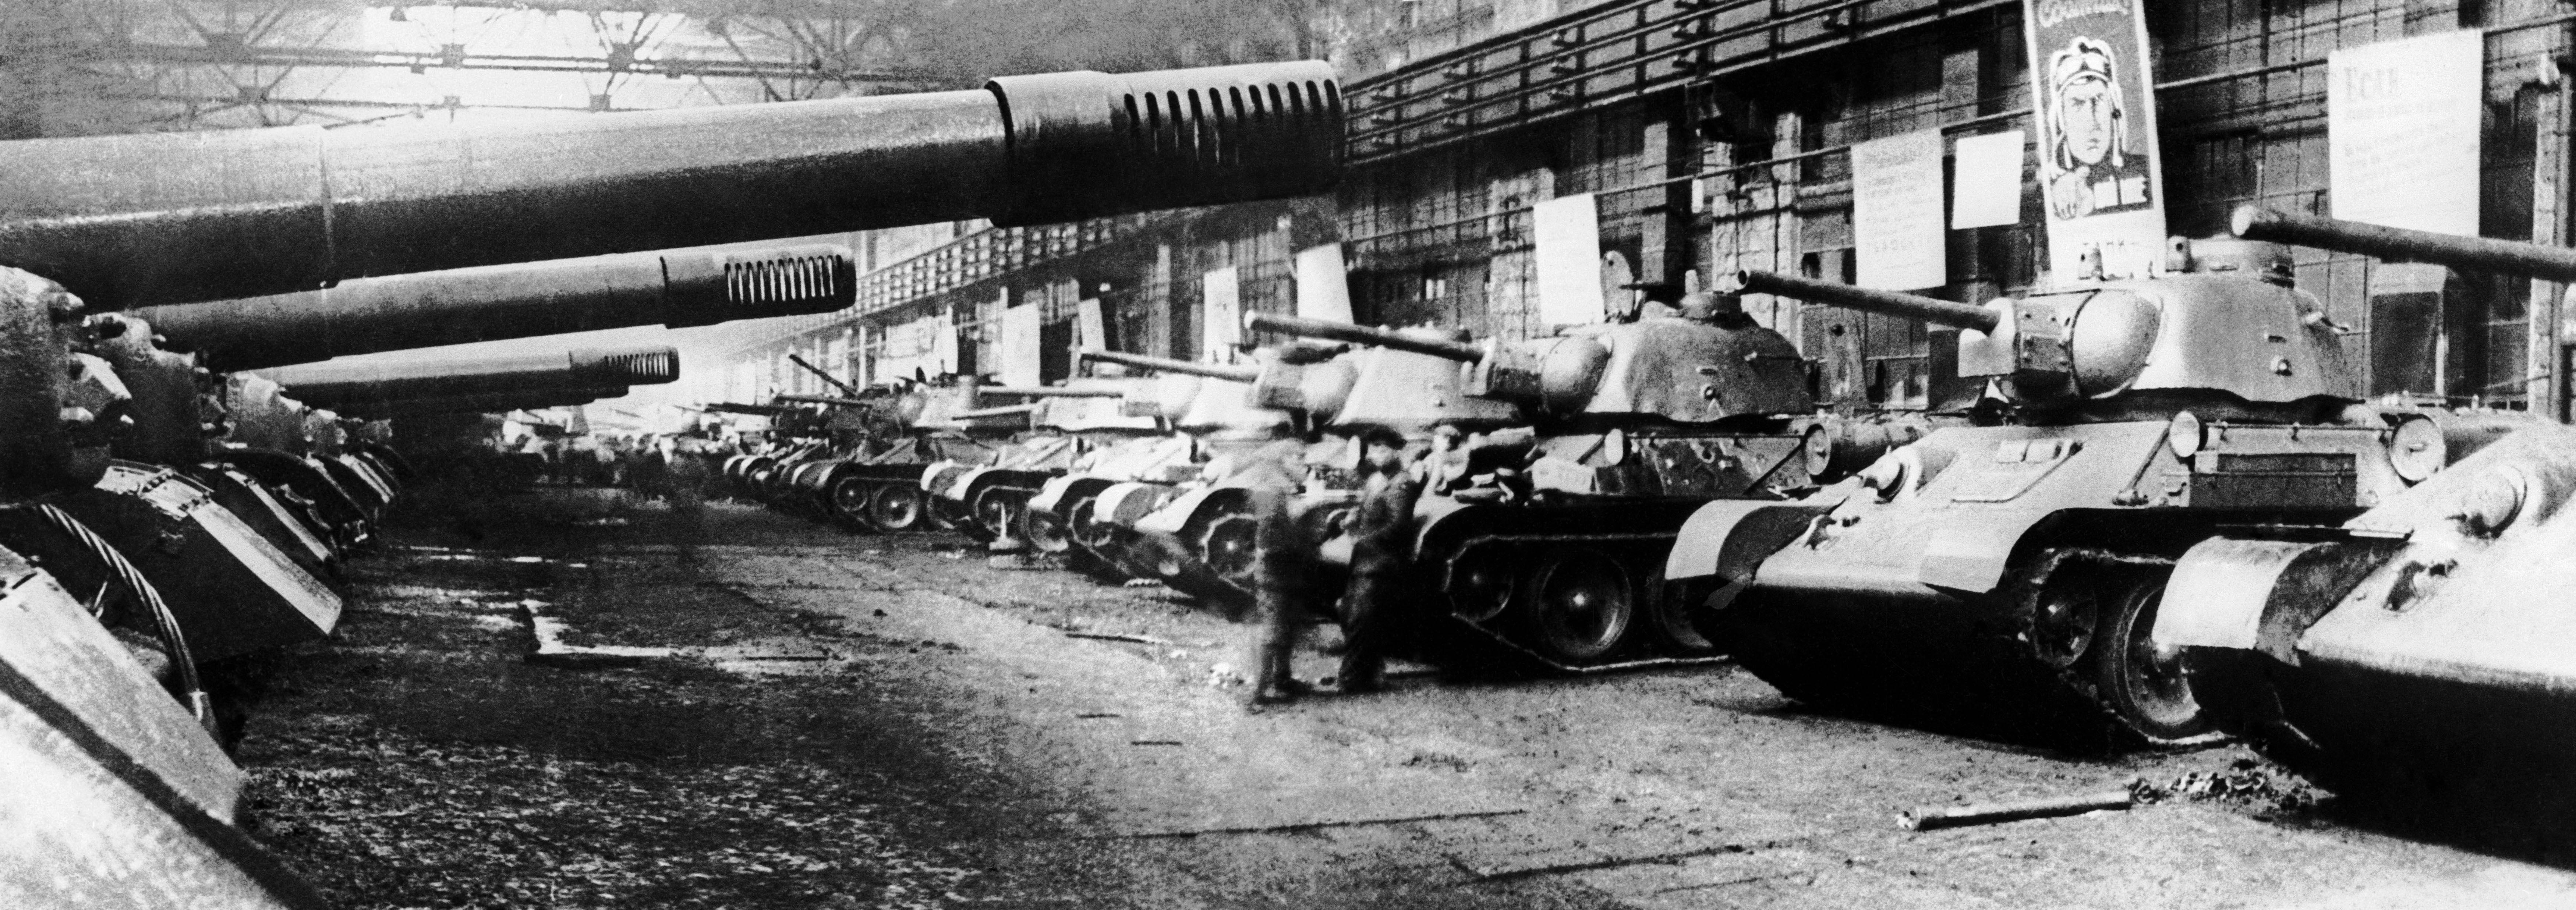 Tanques de batalha T-34 sendo produzidos pela fábrica de tratores de Chelyabinsk durante a Segunda Guerra Mundial.